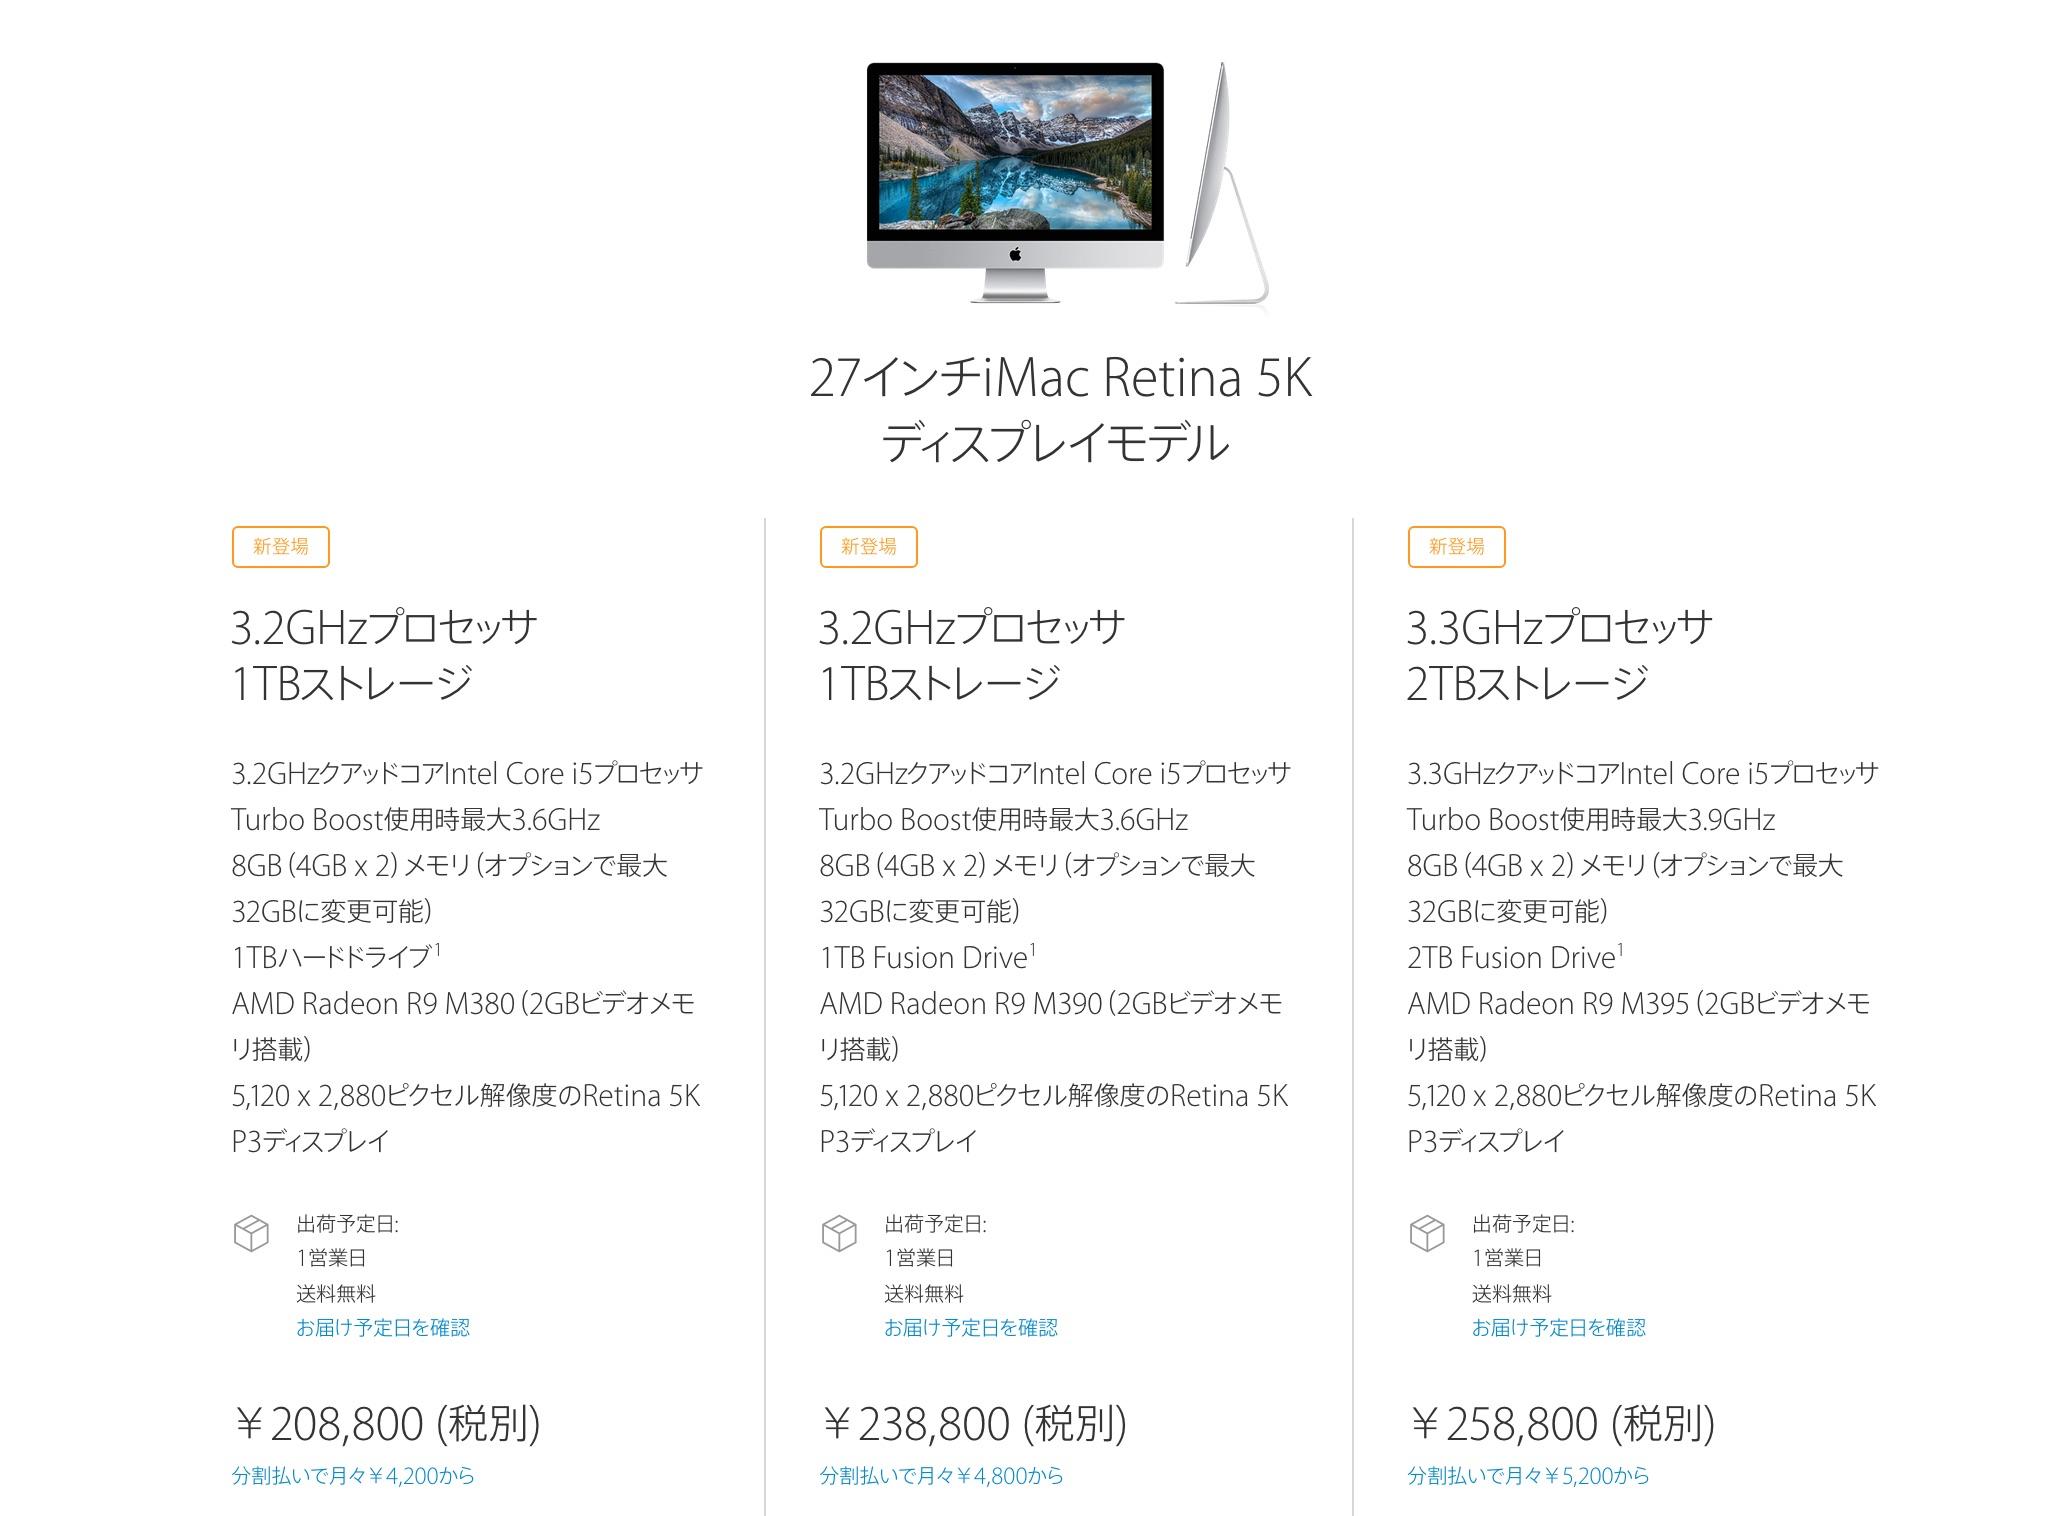 iMac-5K-27inch-price